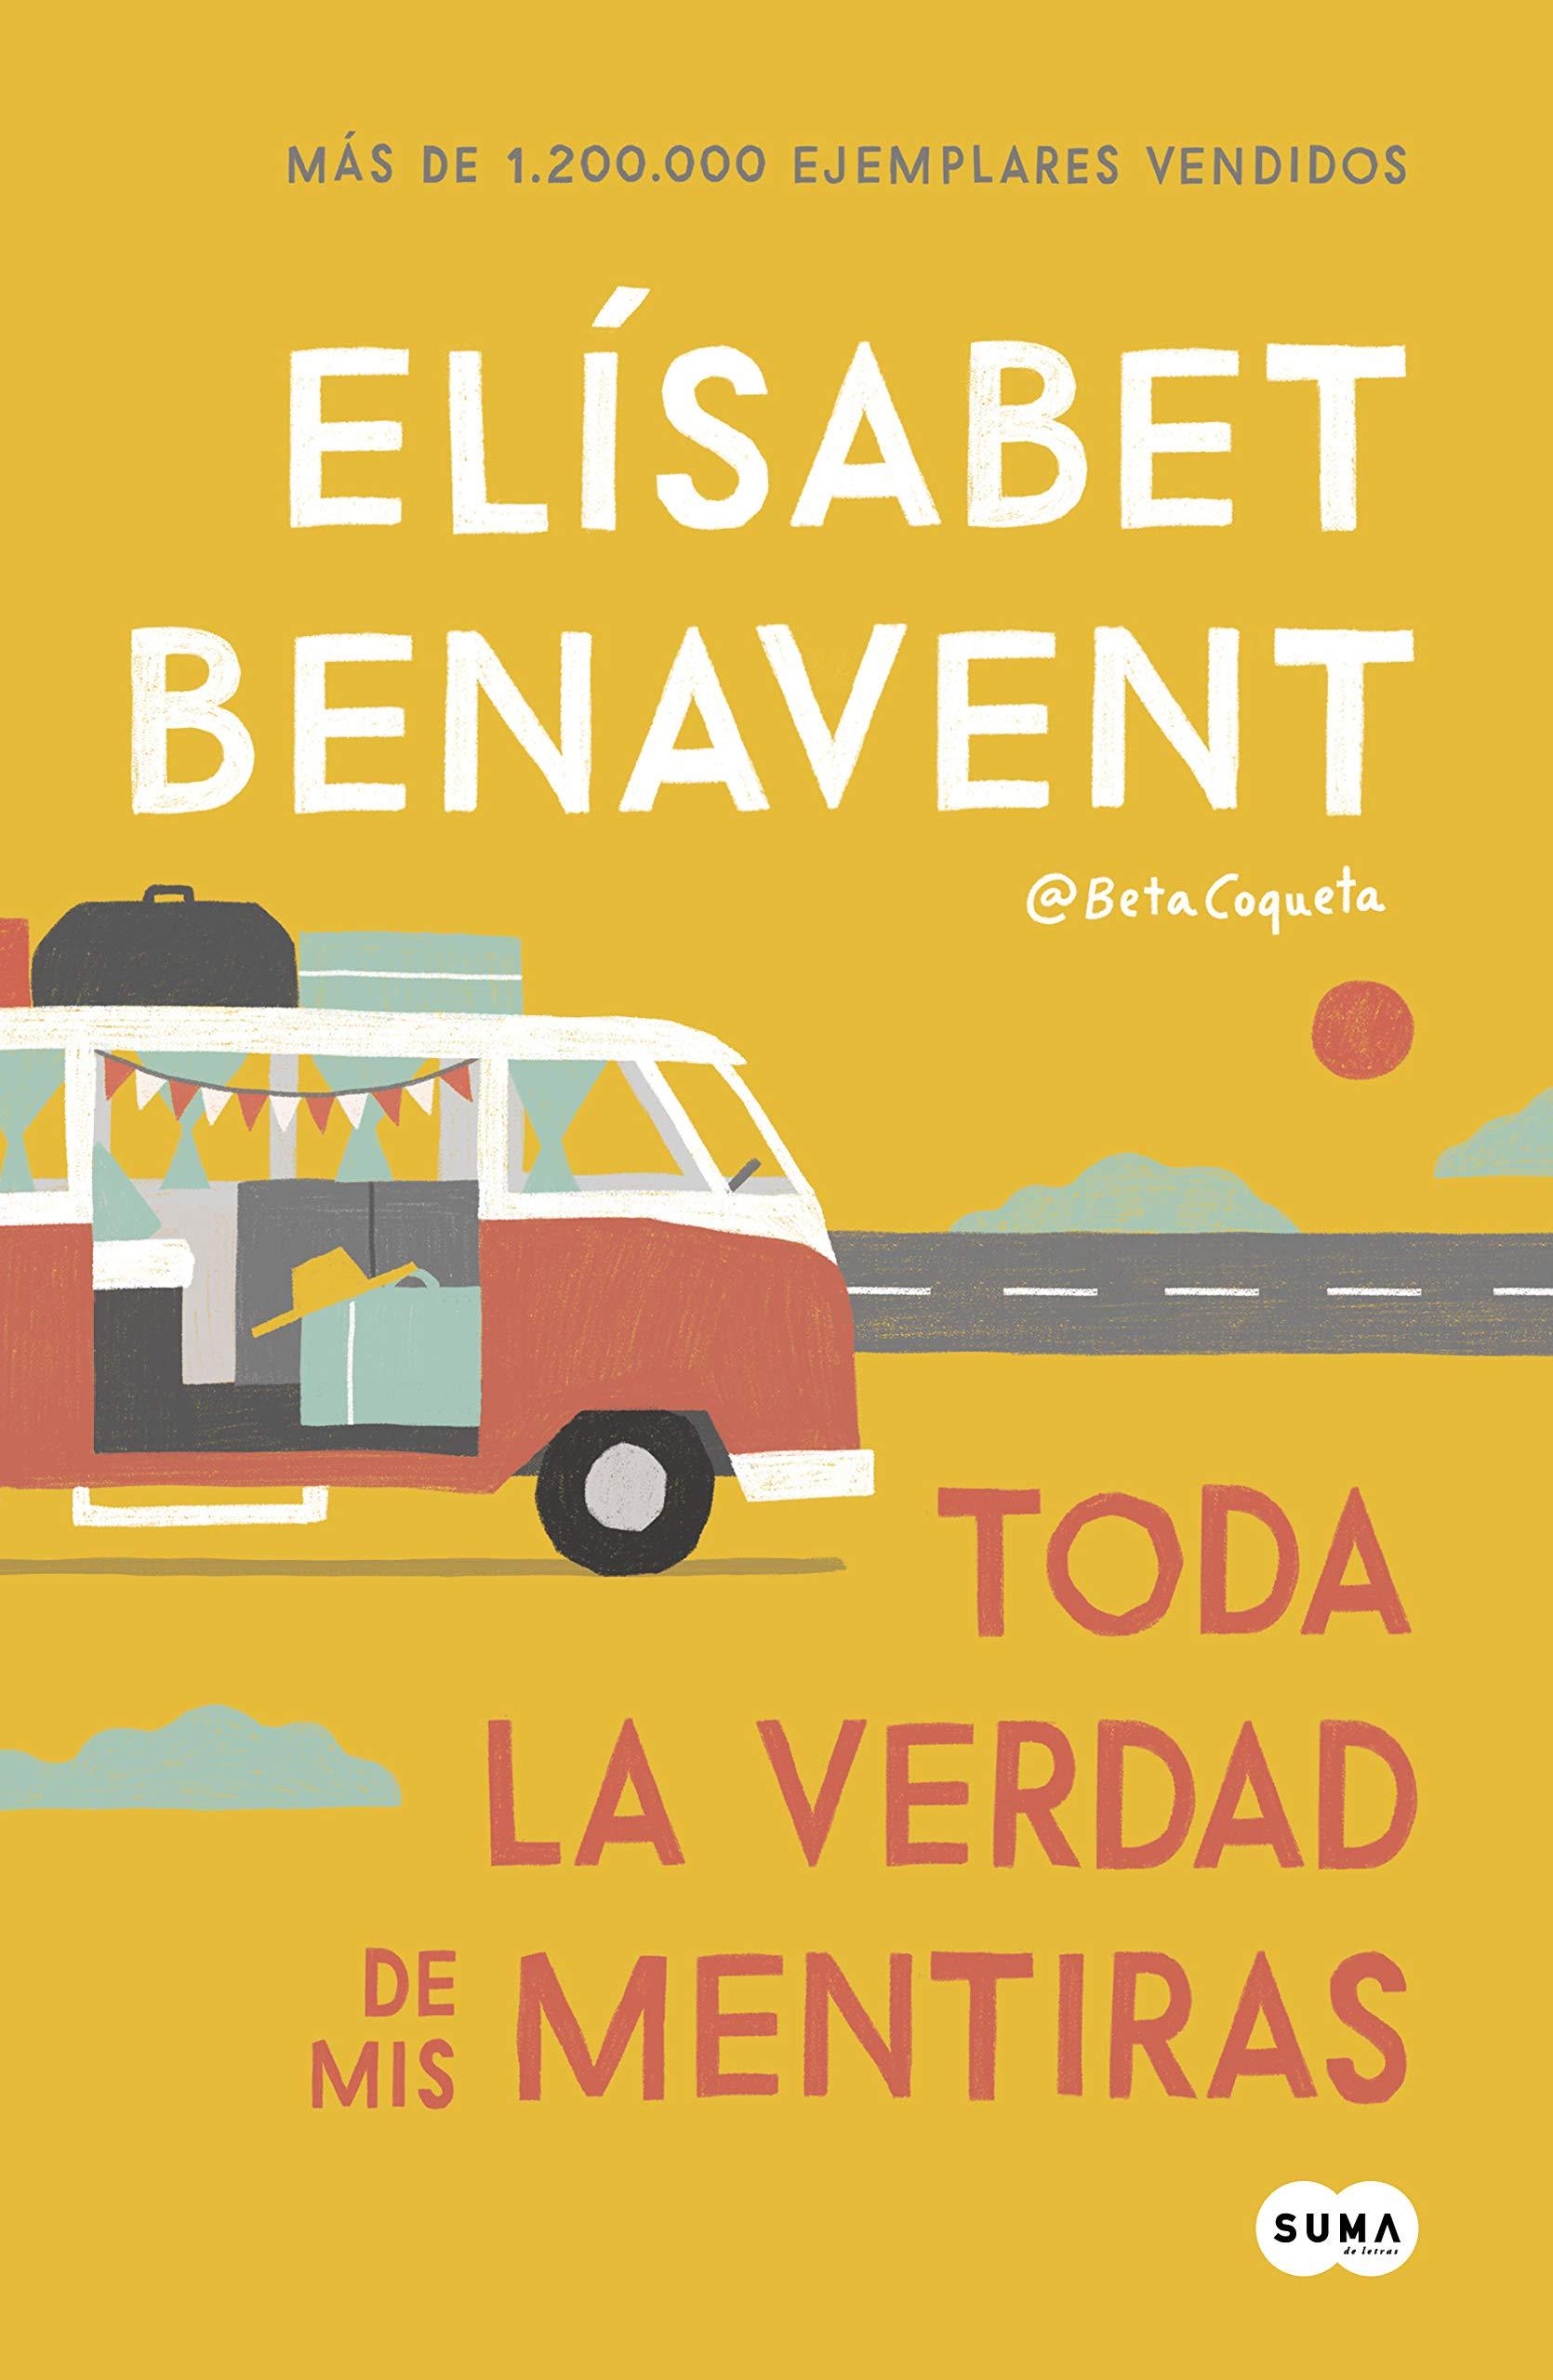 Toda la verdad de mis mentiras (Elísabet Benavent, 2019)